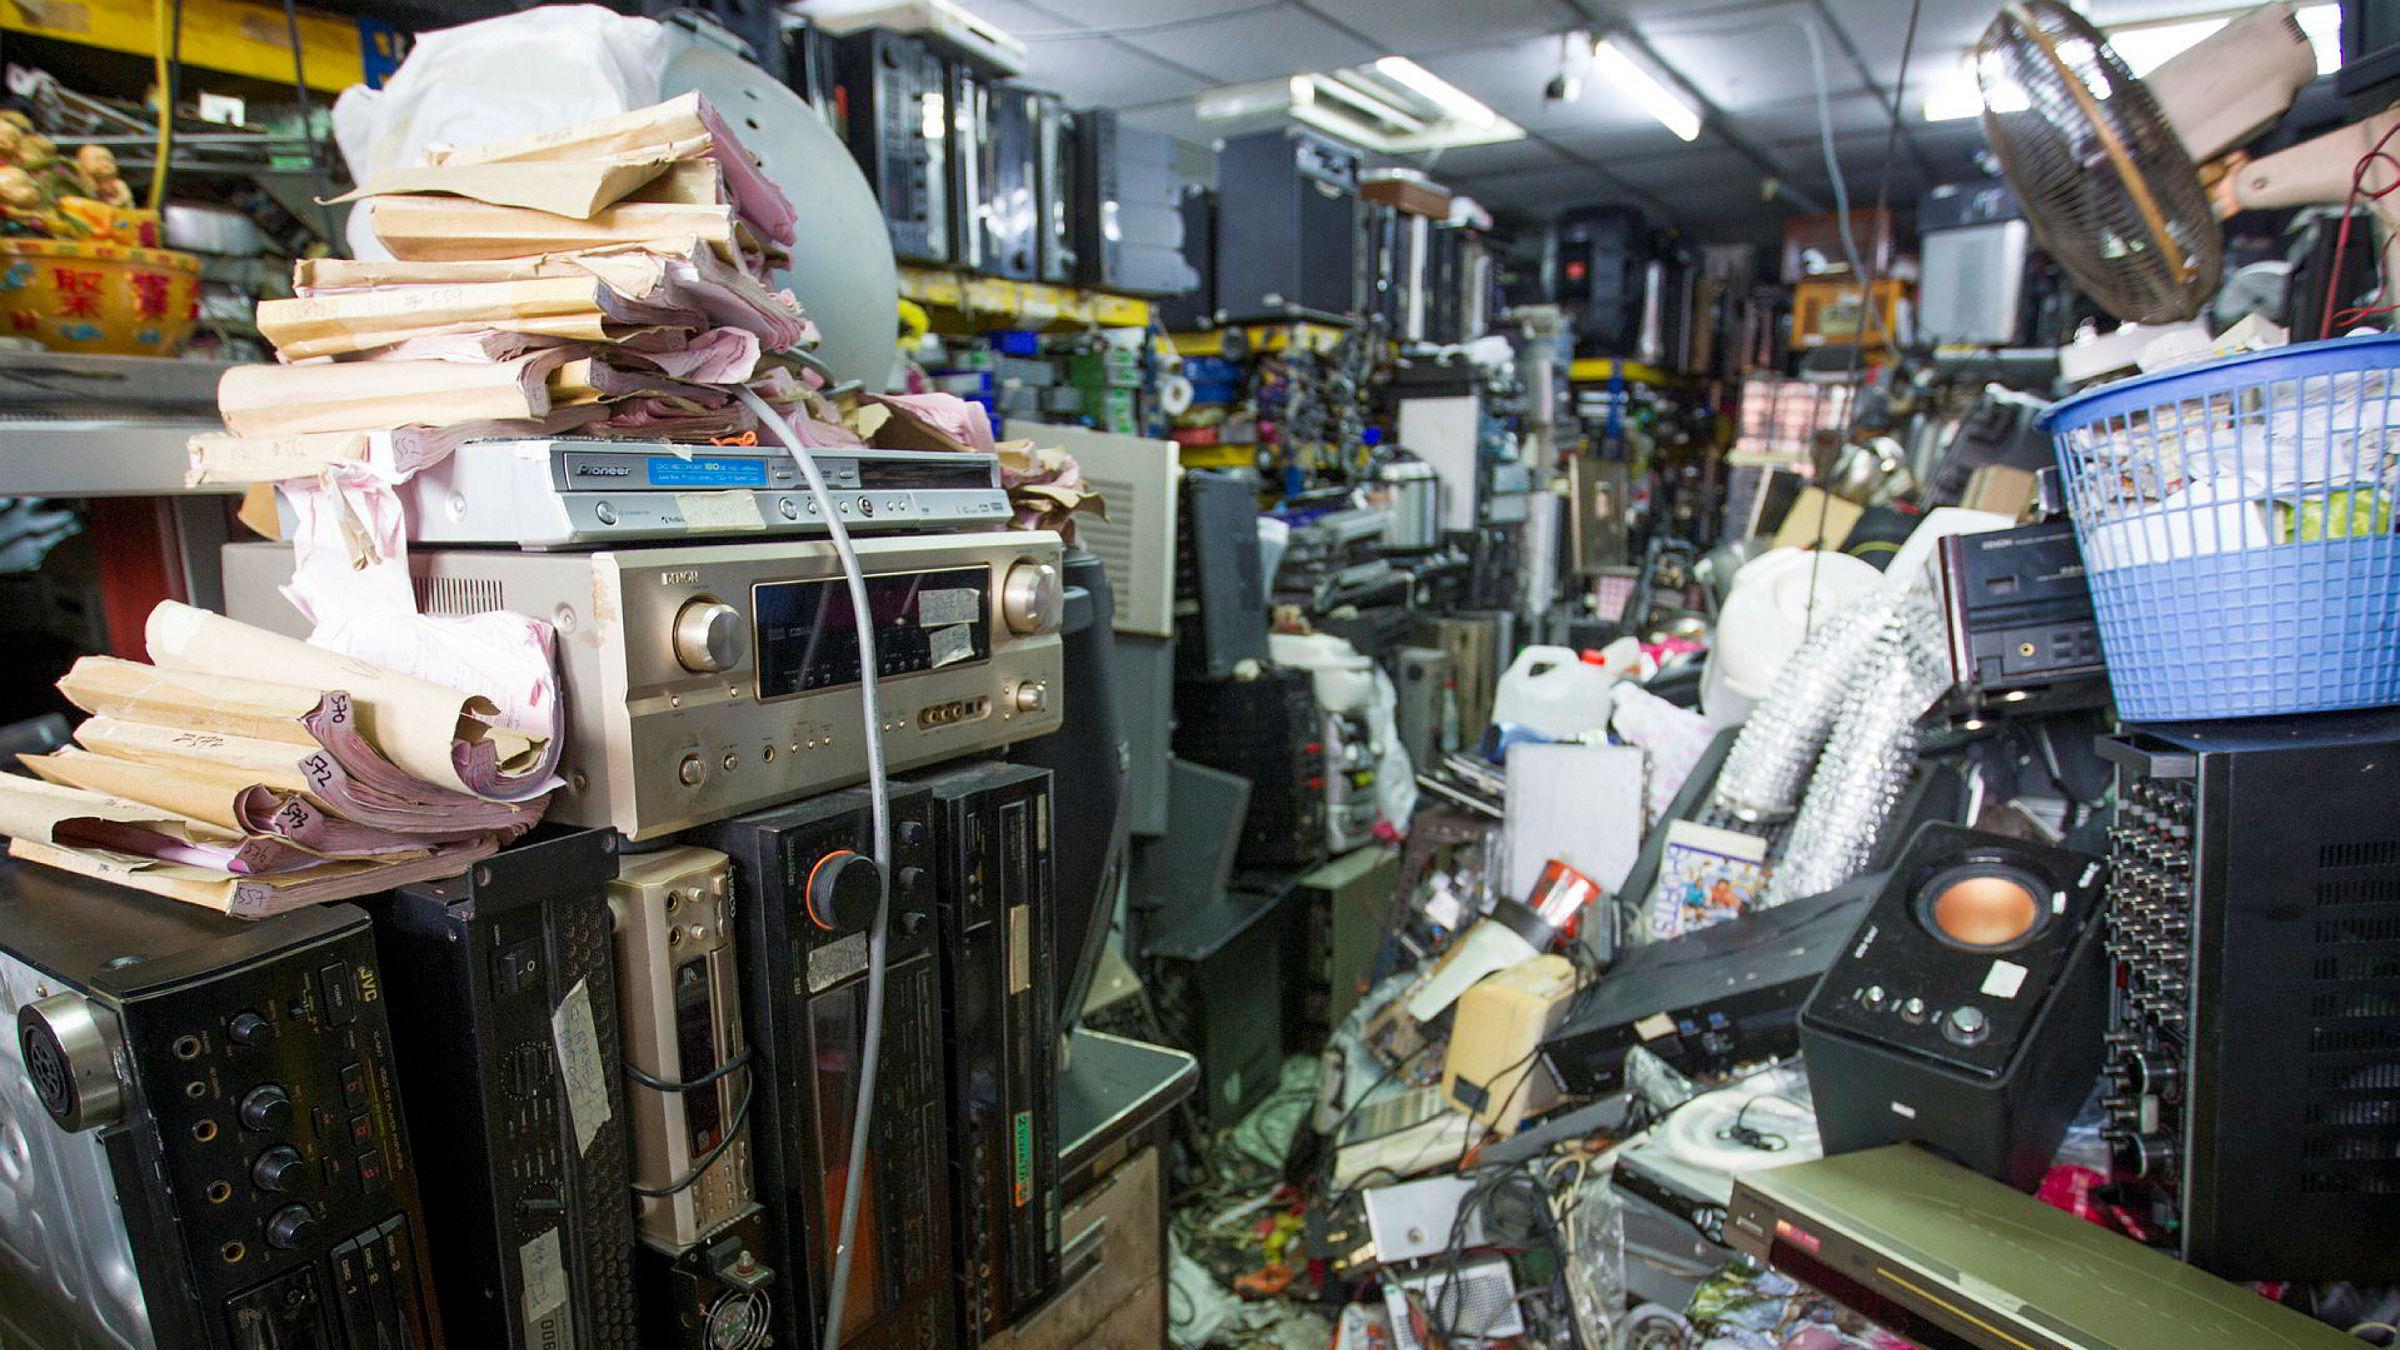 Hvert år skrotes elektroniske produkter i verden nok til å fylle Empire State Building 100 ganger.